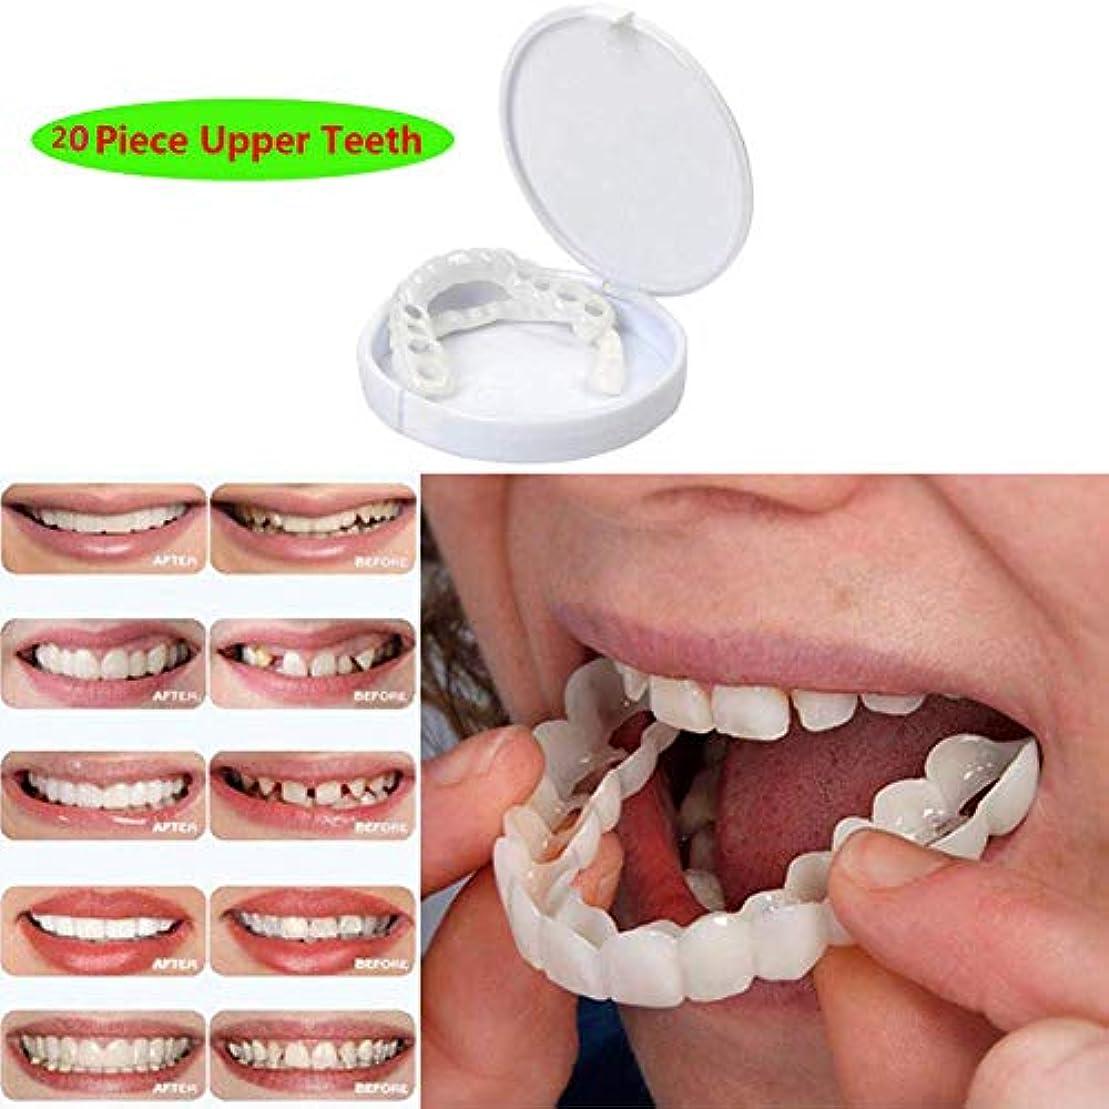 犯人いま作成者20Pcs一時的な化粧品の歯の義歯の化粧品は白くなることを模倣した上括弧を模倣しました